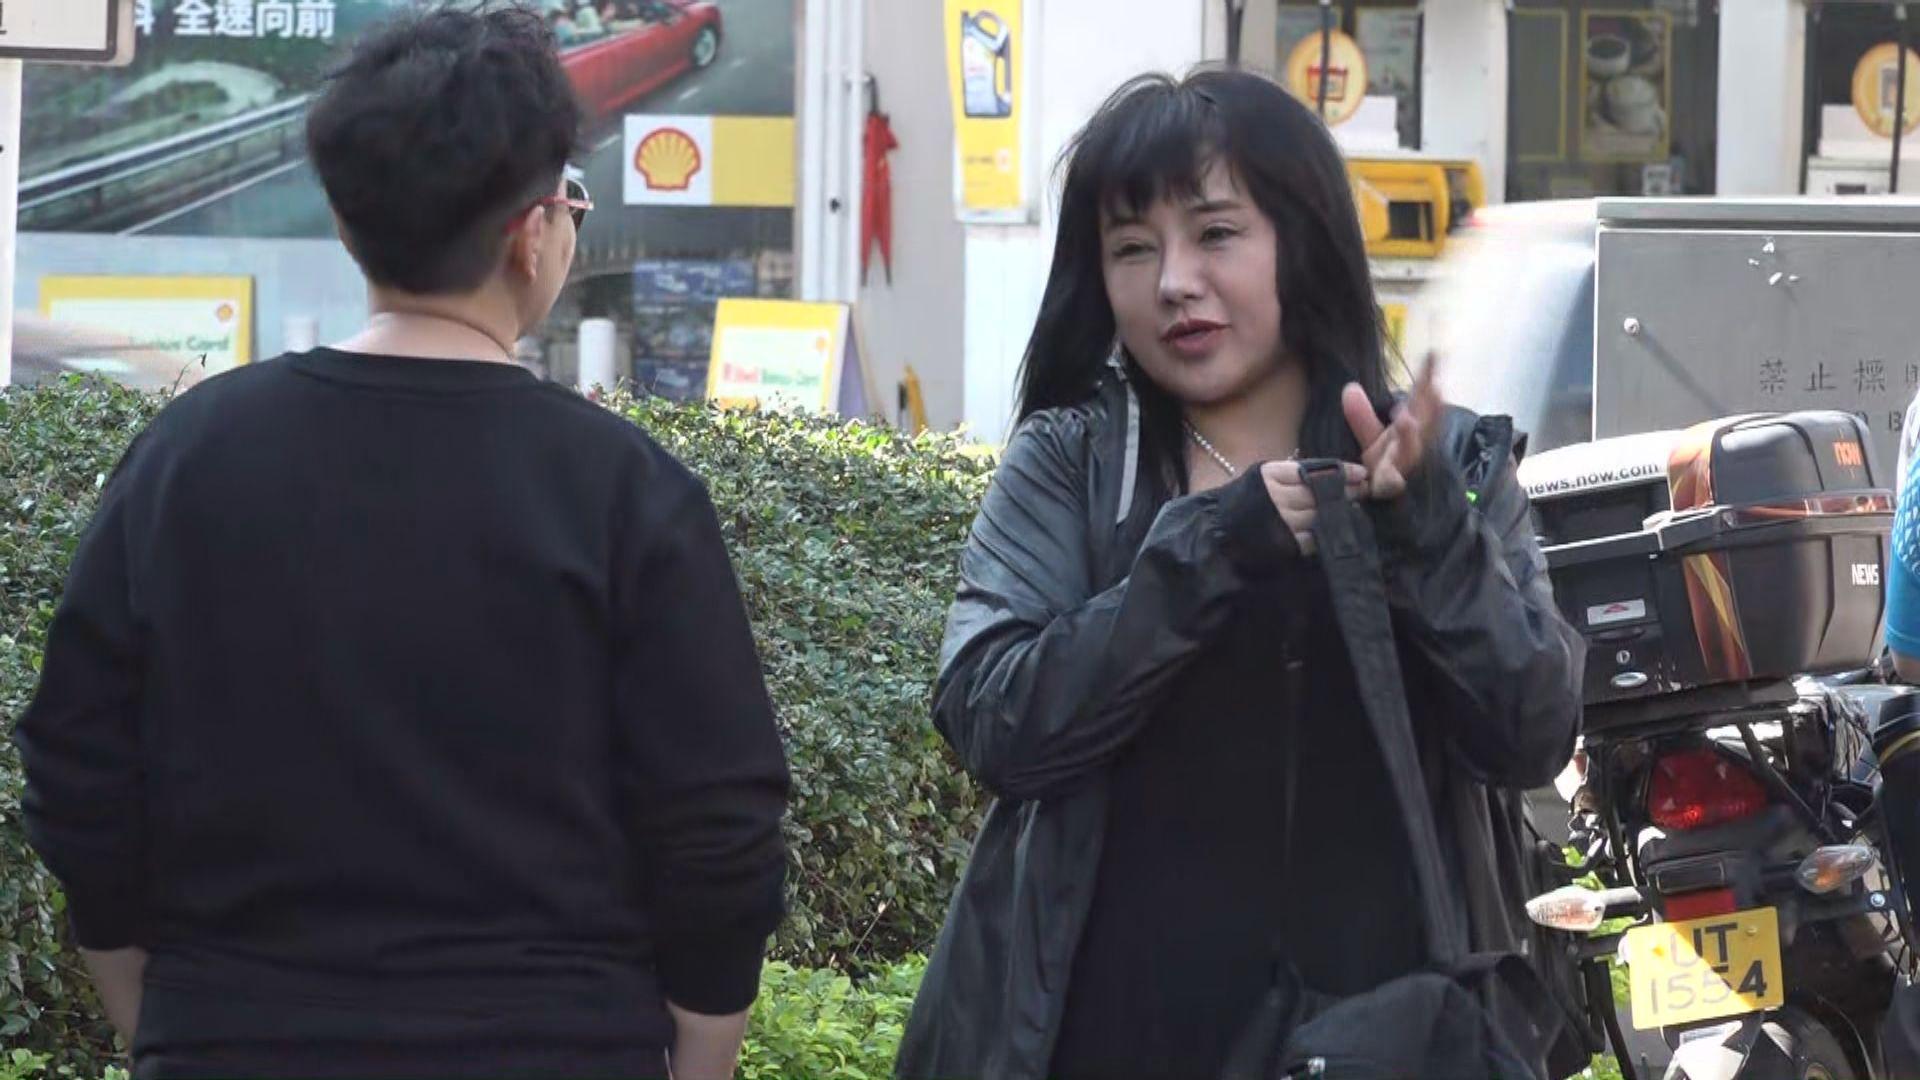 街頭表演者被控噪音煩擾 罪名不成立